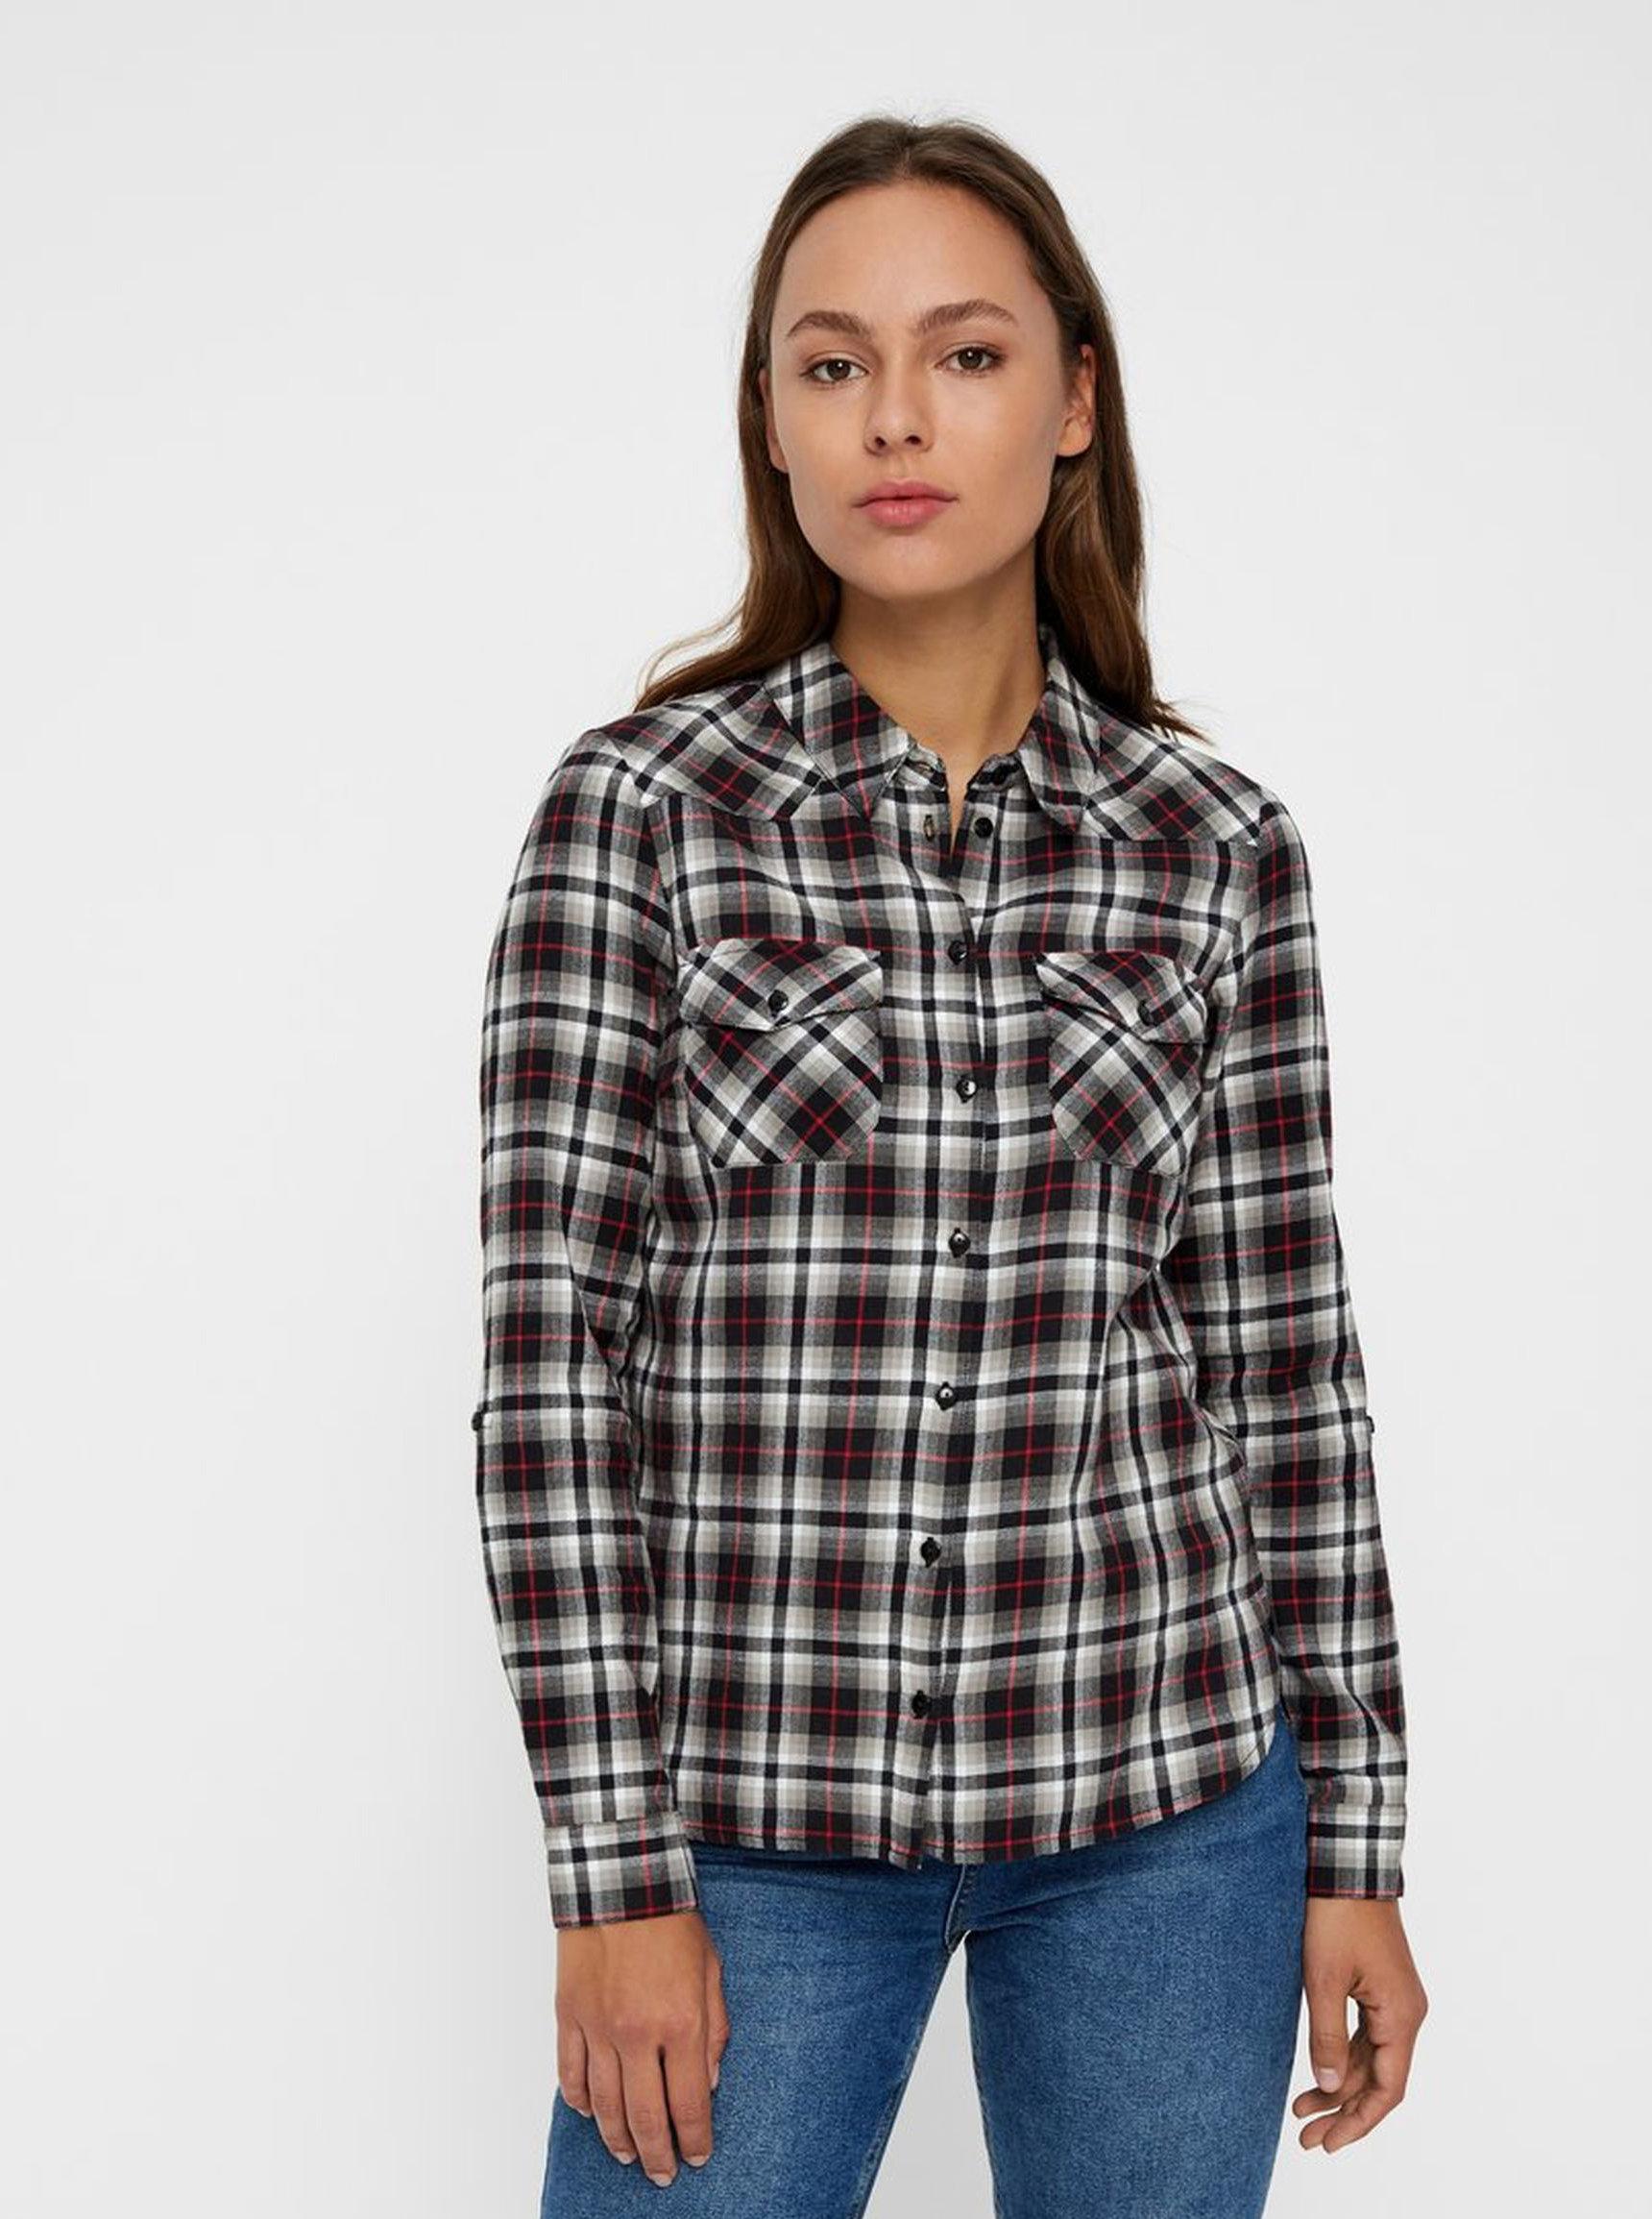 Béžovo-černá kostkovaná flanelová košile Noisy May ... 130a1662f5